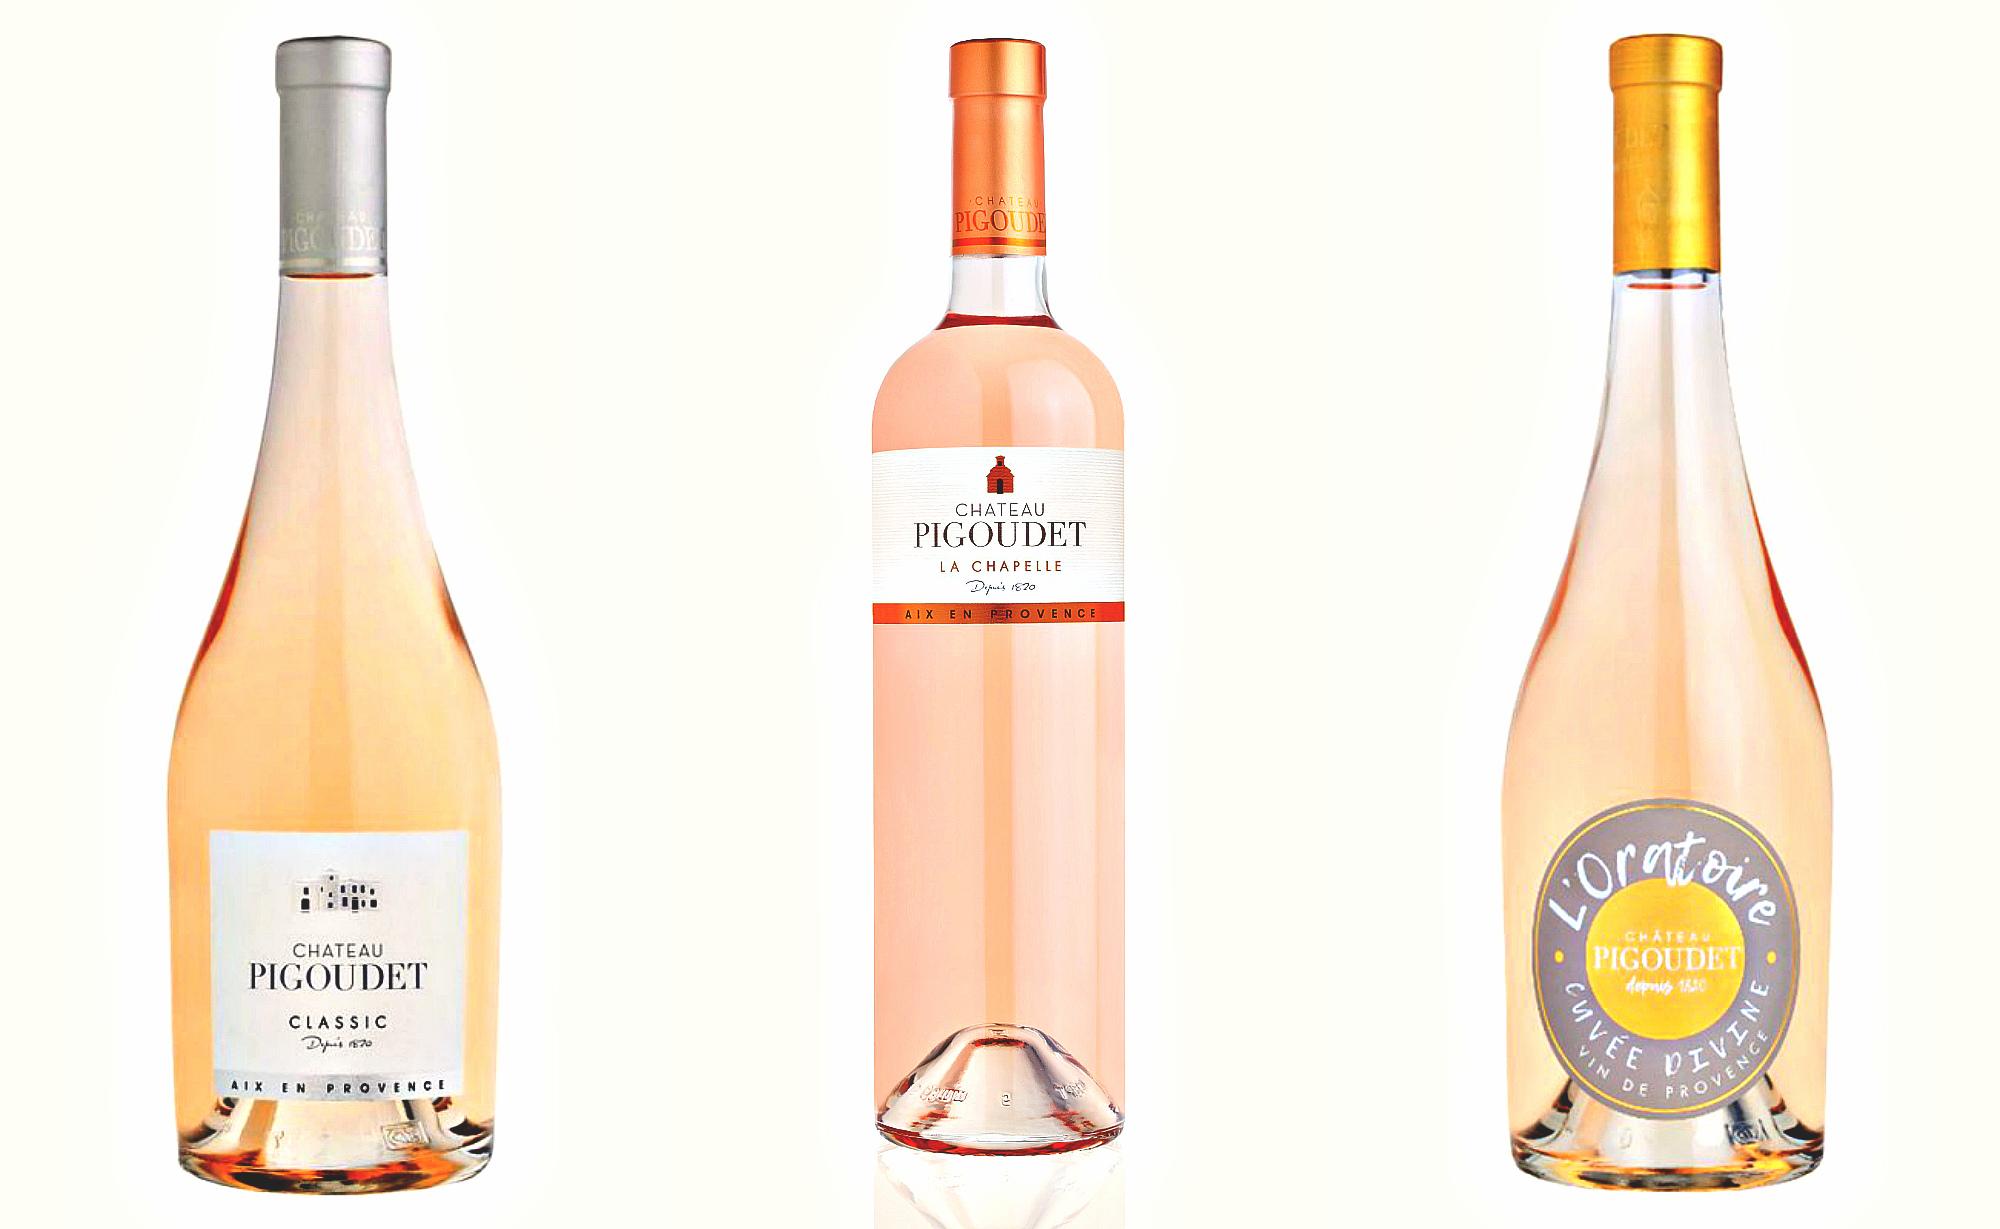 #Алкогольные_новинки: розовые вина Chateau Pigoudet